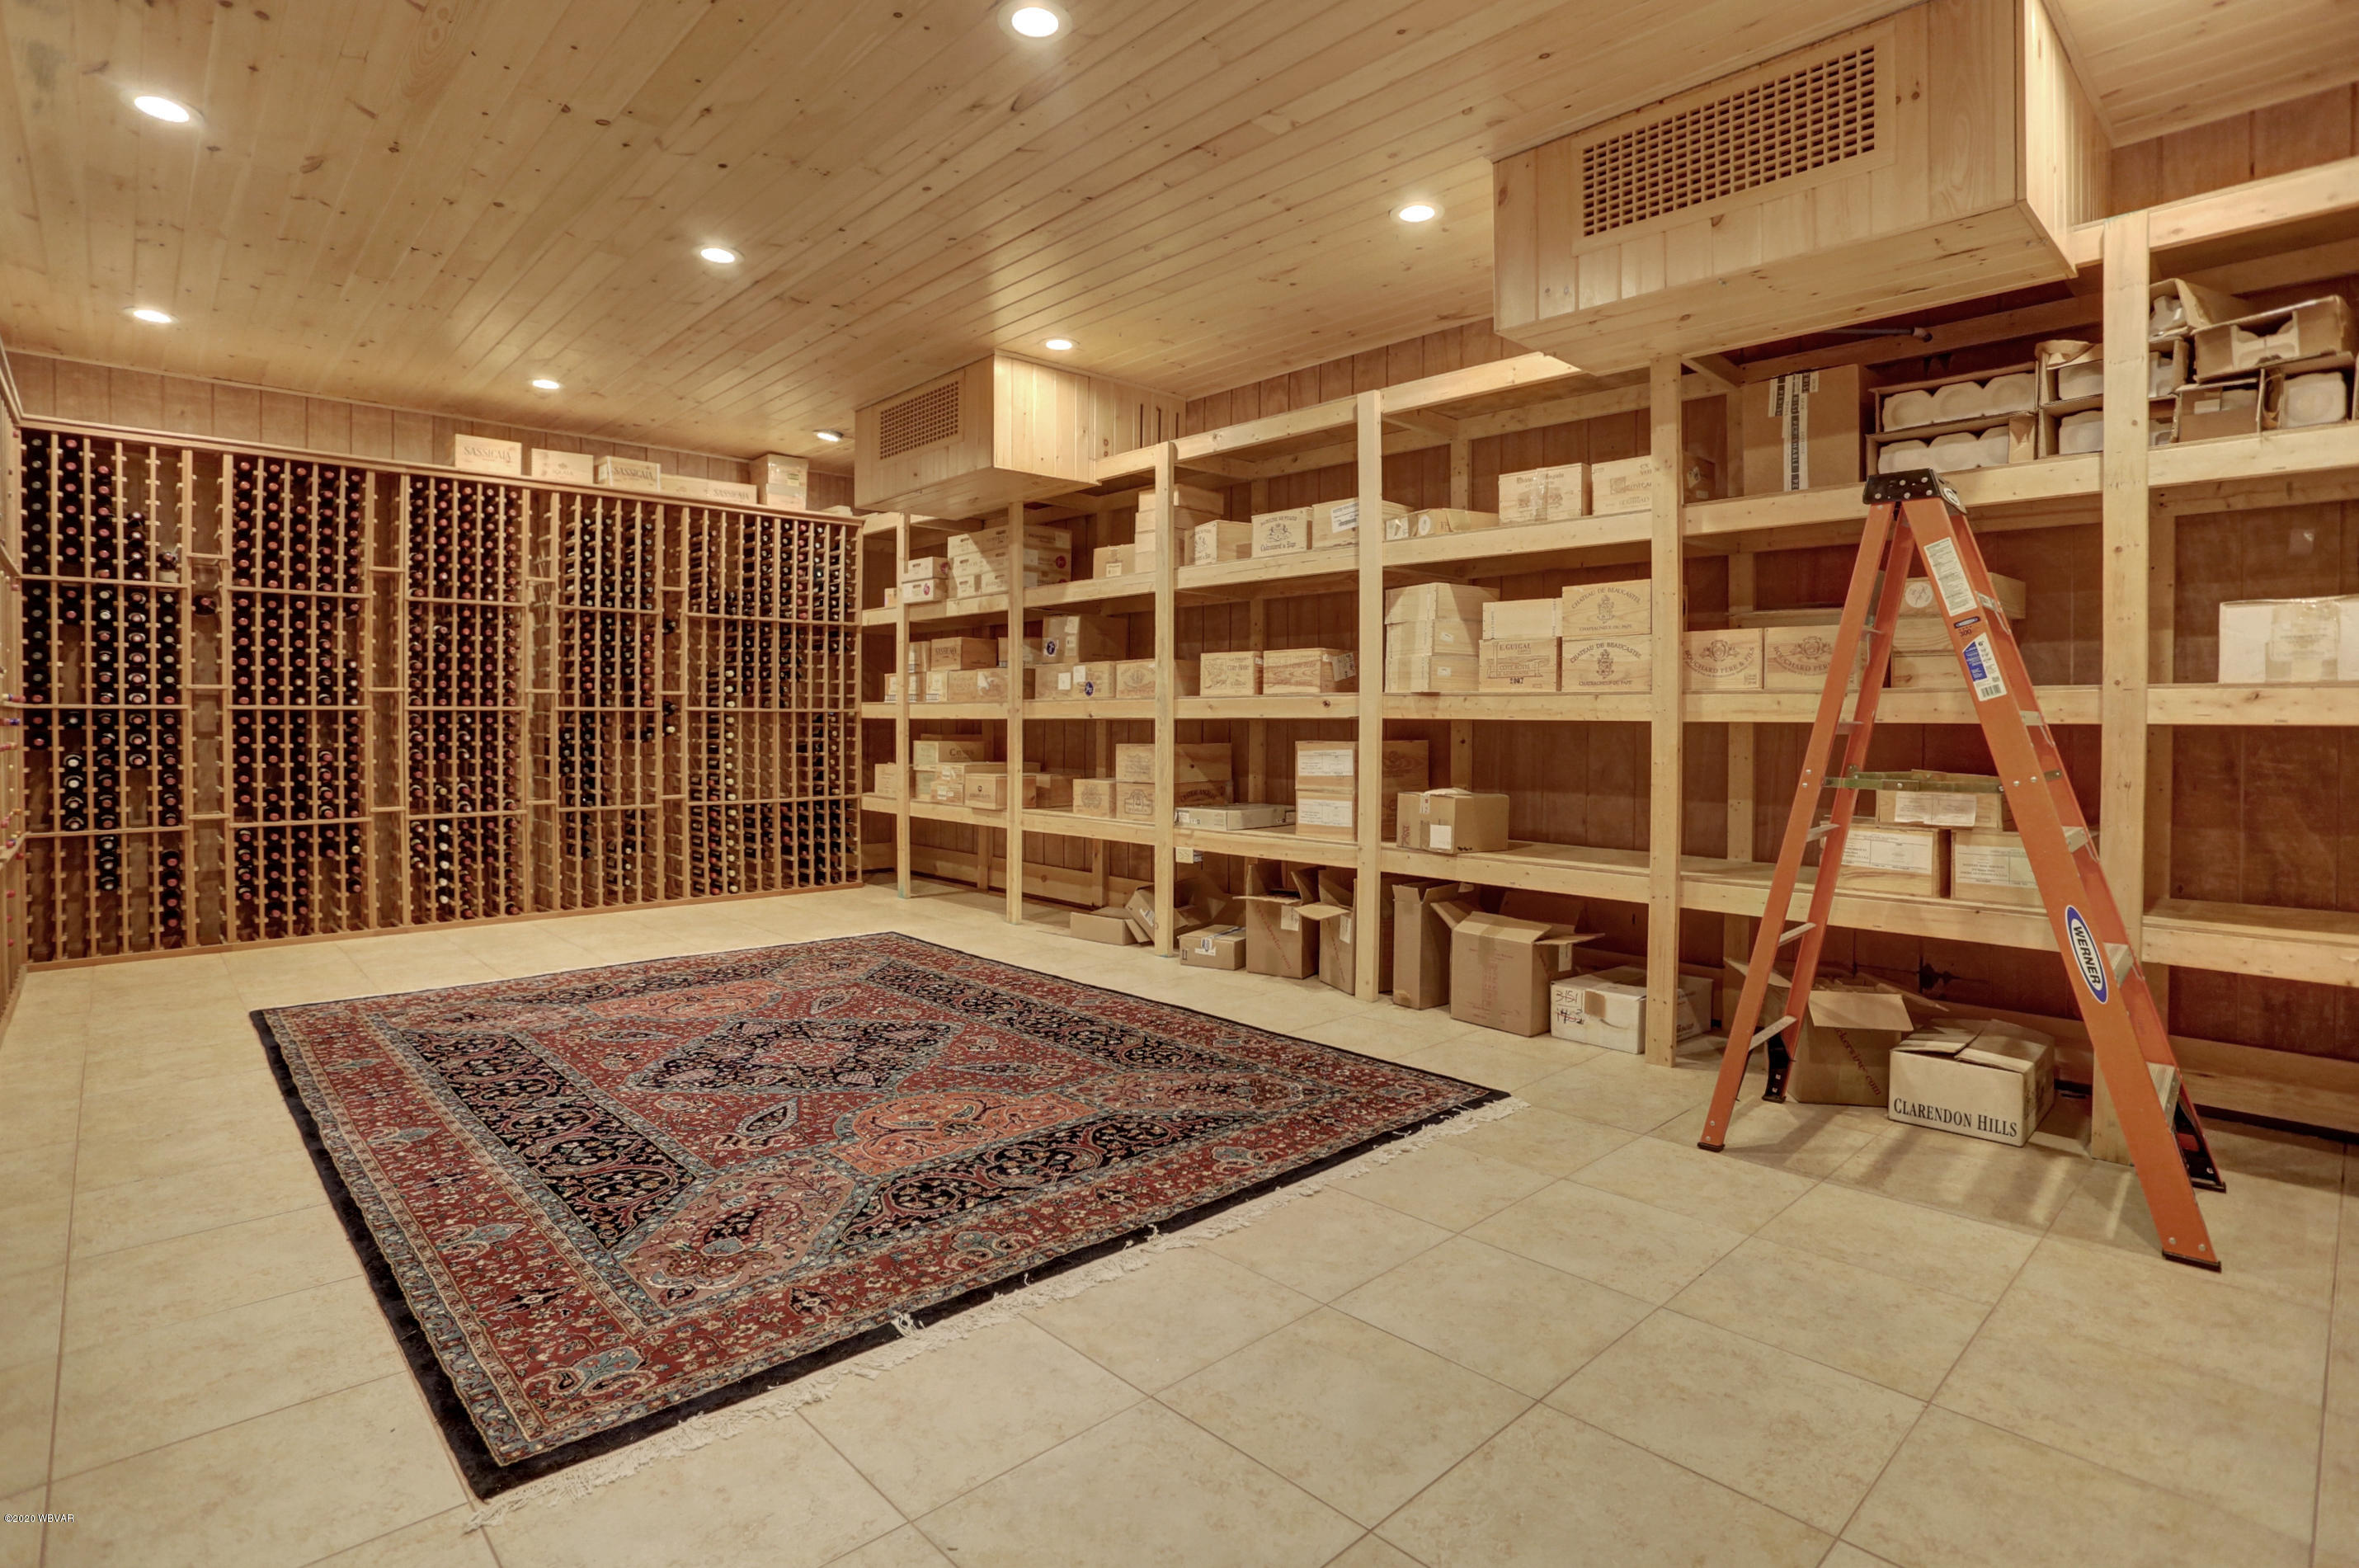 331 DEER RUN DRIVE, Lewisburg, PA 17837, 4 Bedrooms Bedrooms, ,6 BathroomsBathrooms,Residential,For sale,DEER RUN,WB-90150